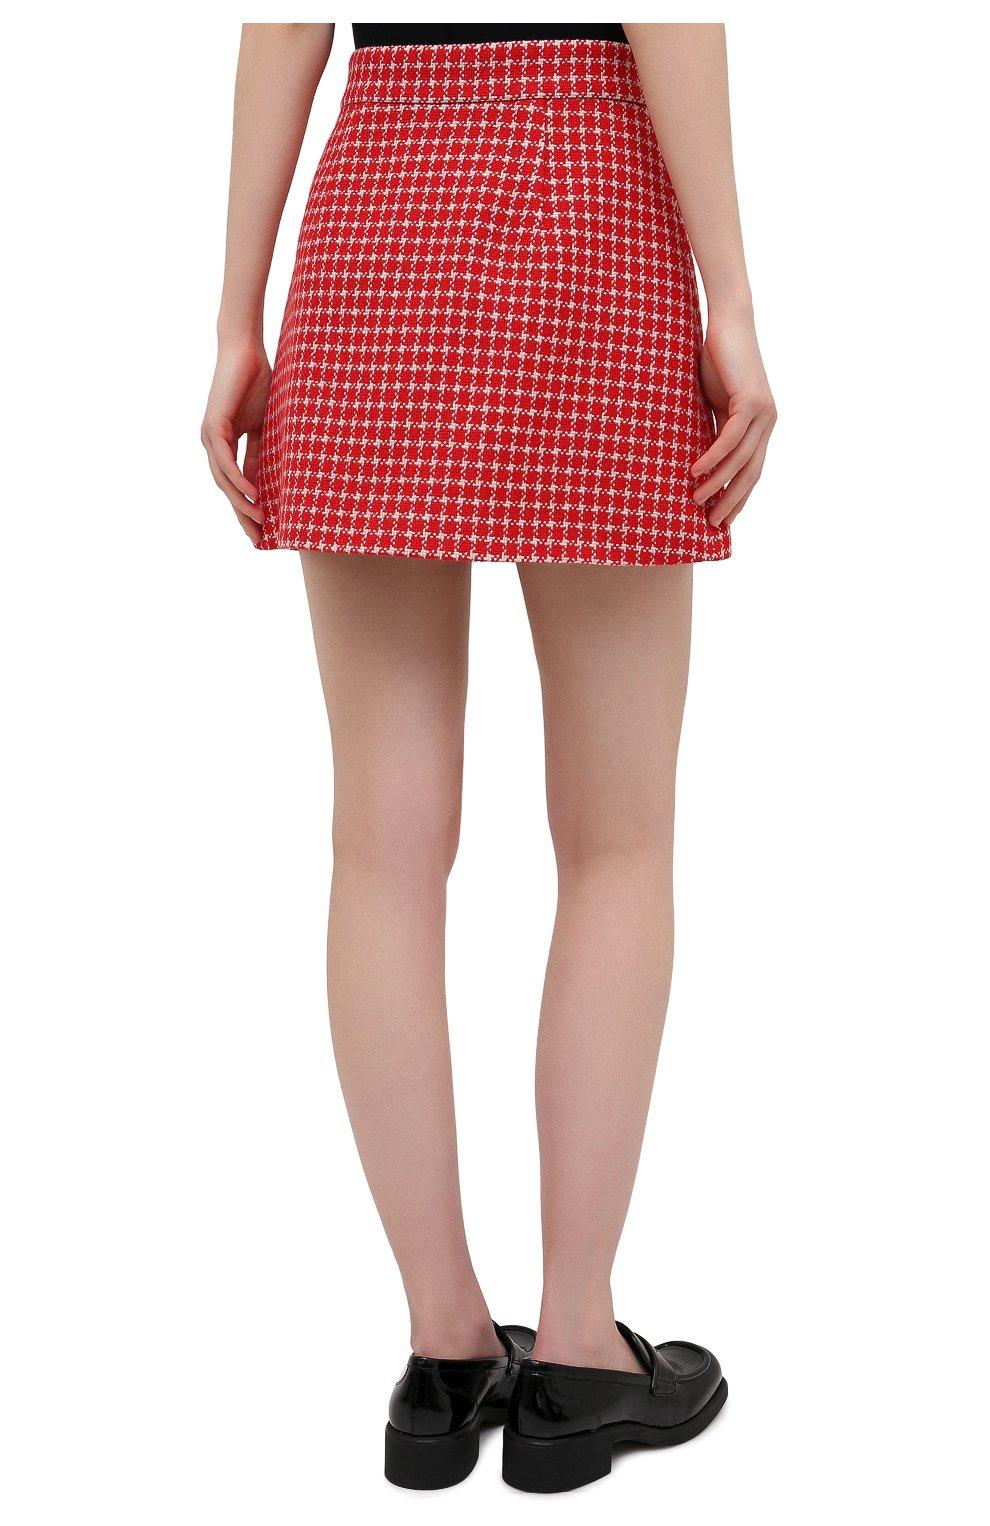 Женская юбка MIU MIU красного цвета, арт. MG1573-1V7V-F0011 | Фото 4 (Материал внешний: Шерсть, Синтетический материал; Длина Ж (юбки, платья, шорты): Мини; Женское Кросс-КТ: Юбка-одежда; Стили: Кэжуэл)